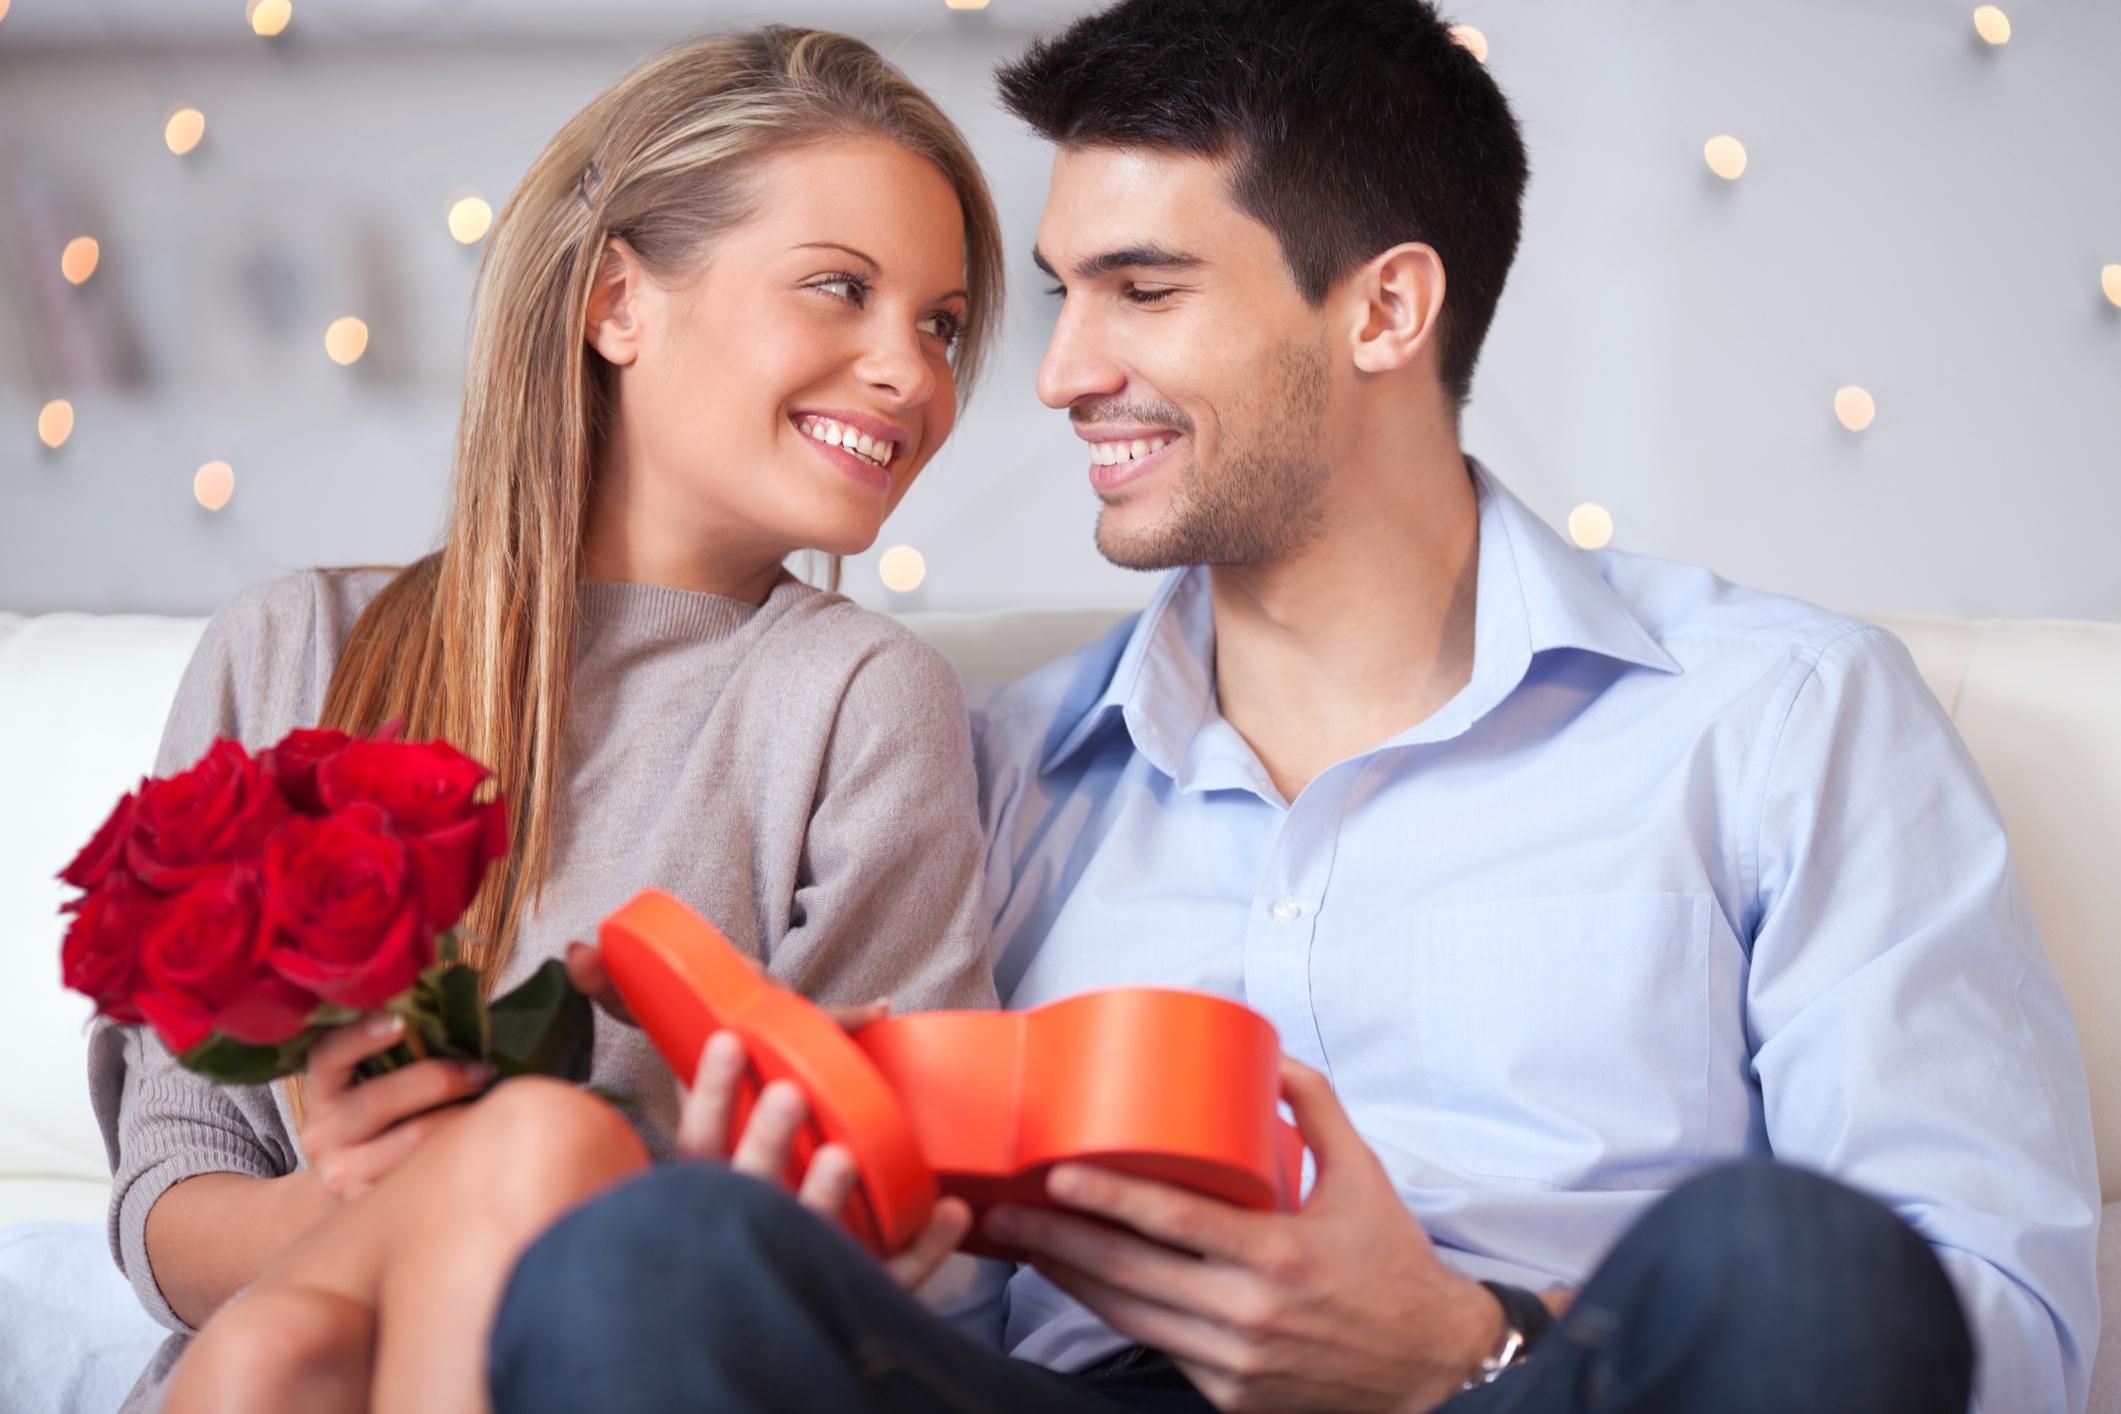 バレンタイン 2020 手作り 嫌がられる 不衛生 思われる